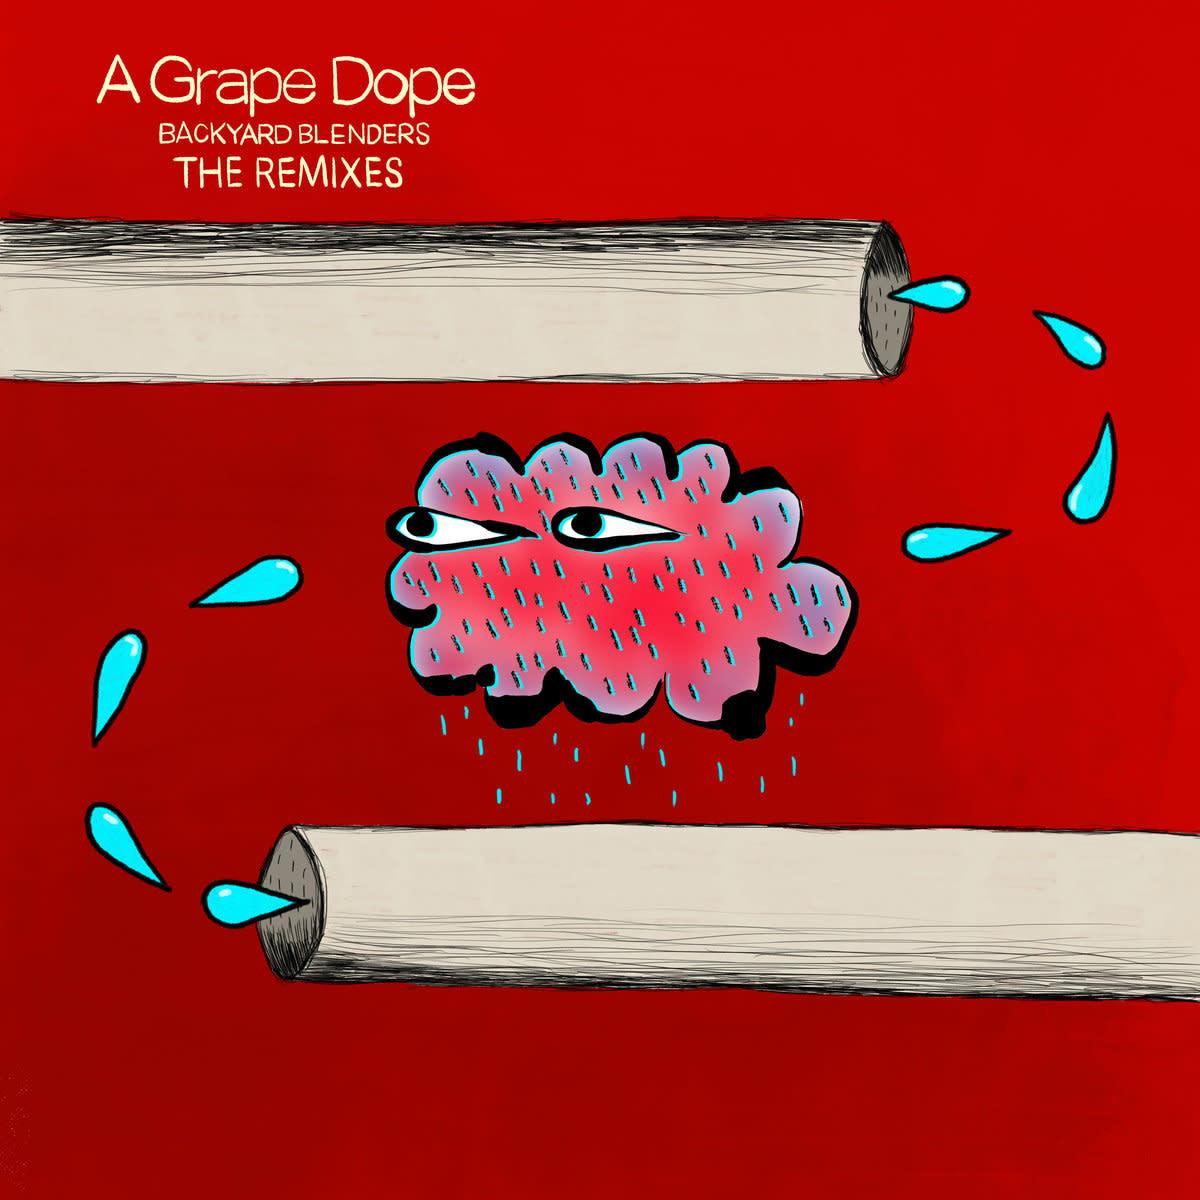 AKP Recordings A Grape Dope - Backyard Blenders: The Remixes